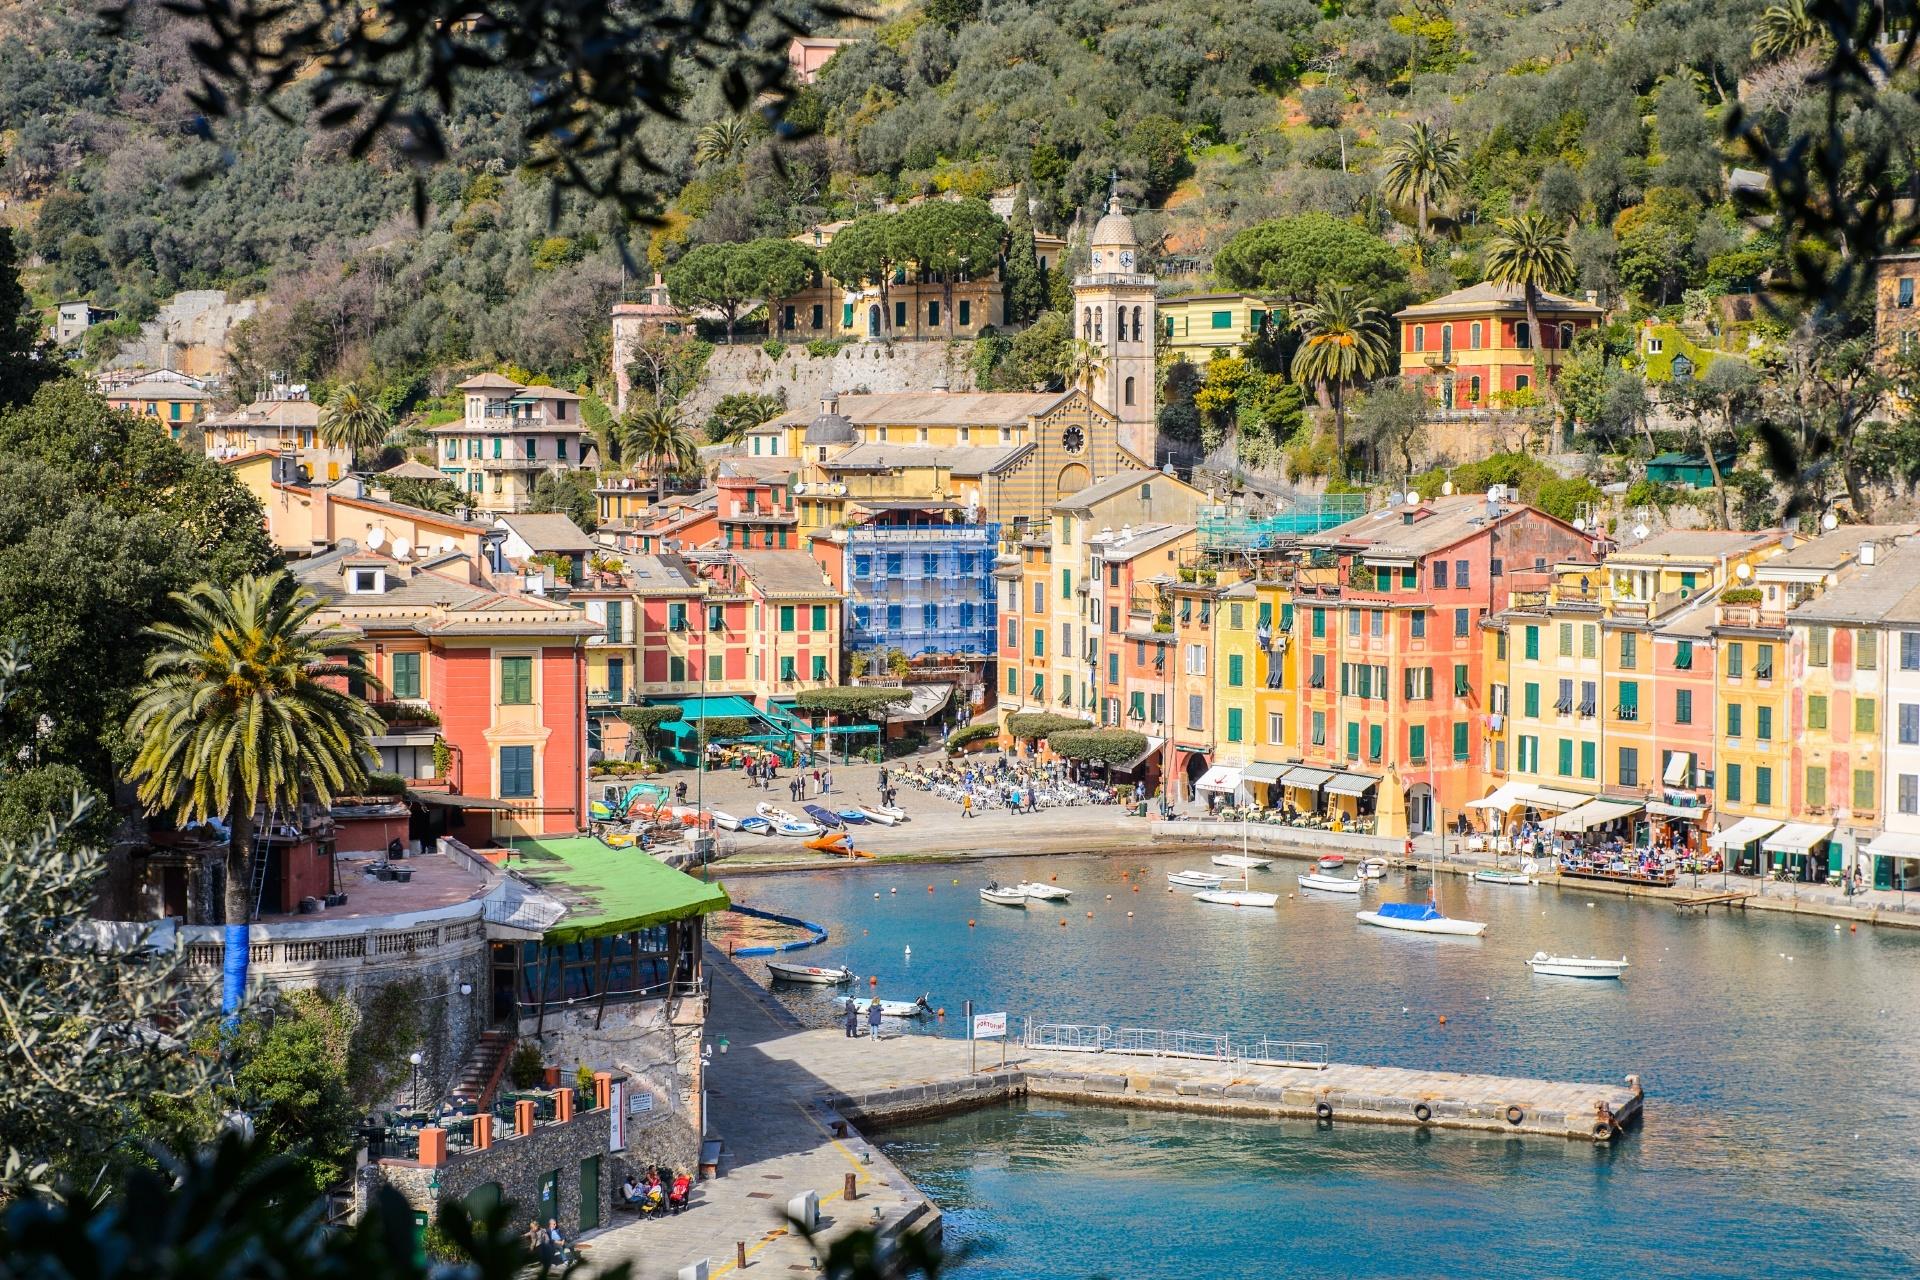 ポルトフィーノ港の風景 イタリアの風景